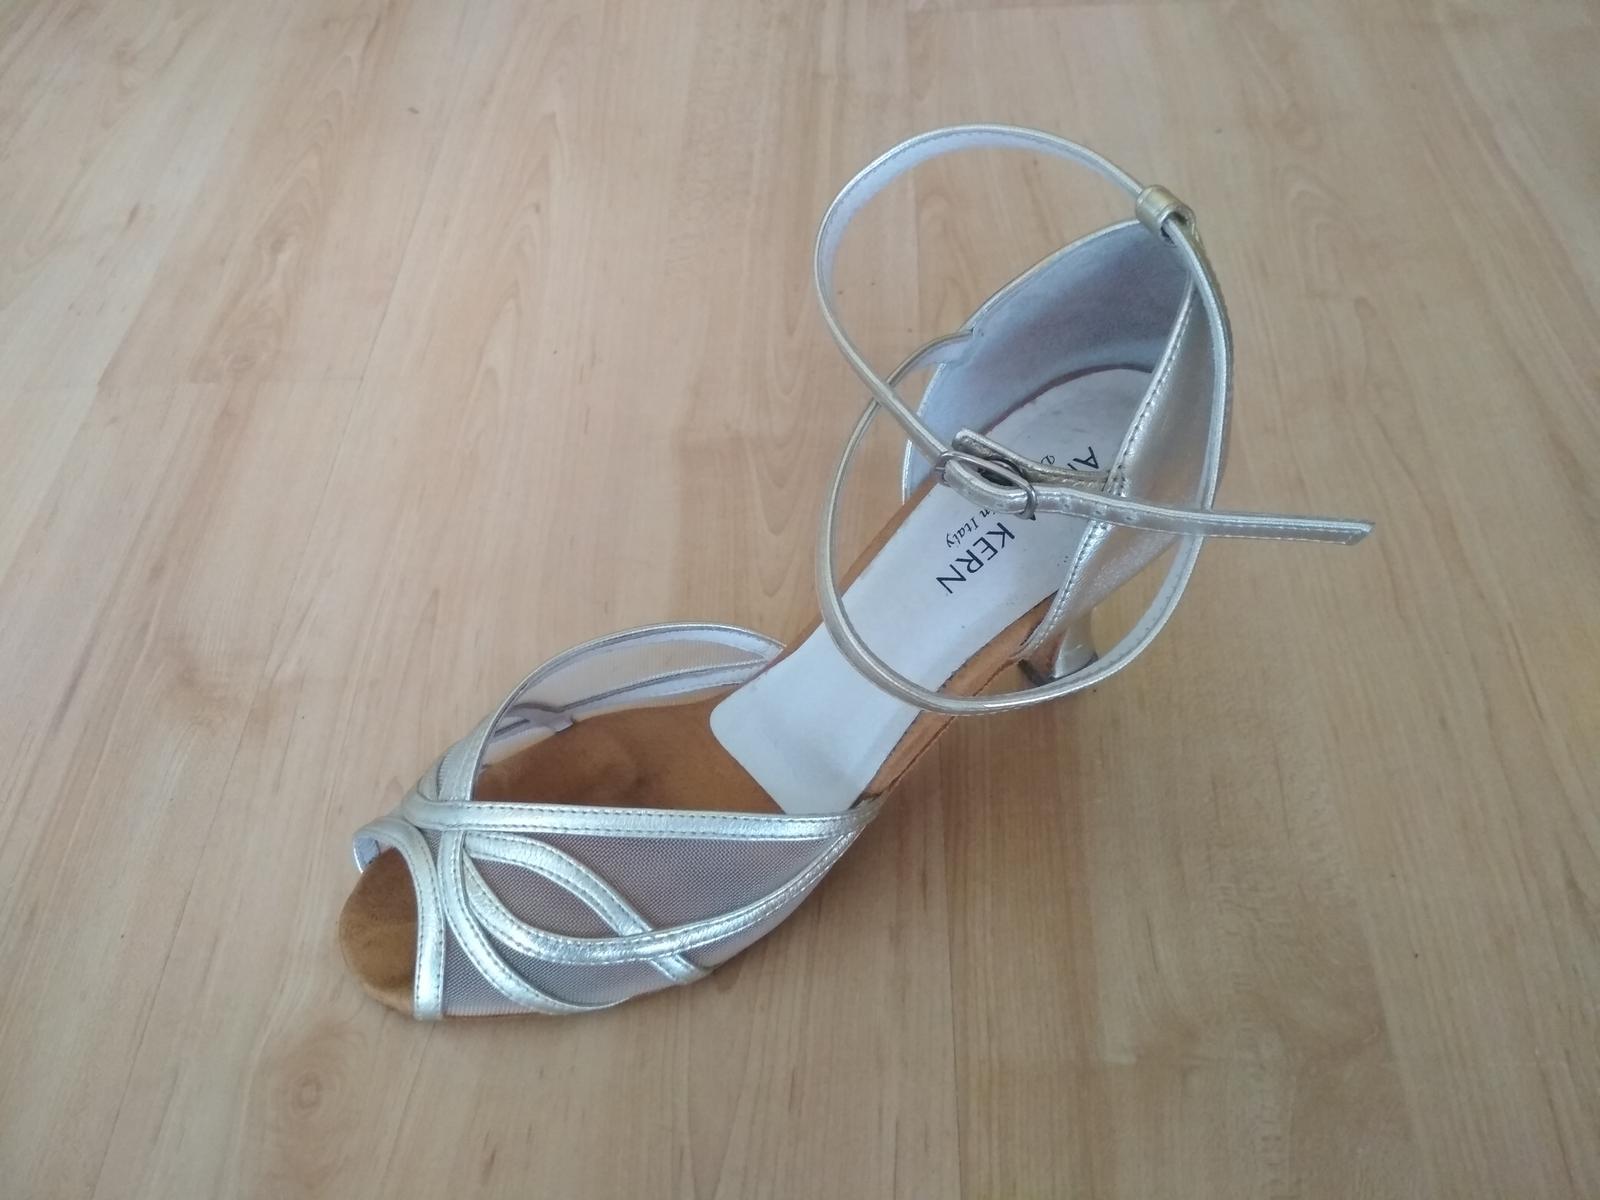 Zlaté taneční boty Anna Kern, vel. 5 1/2 - Obrázek č. 1